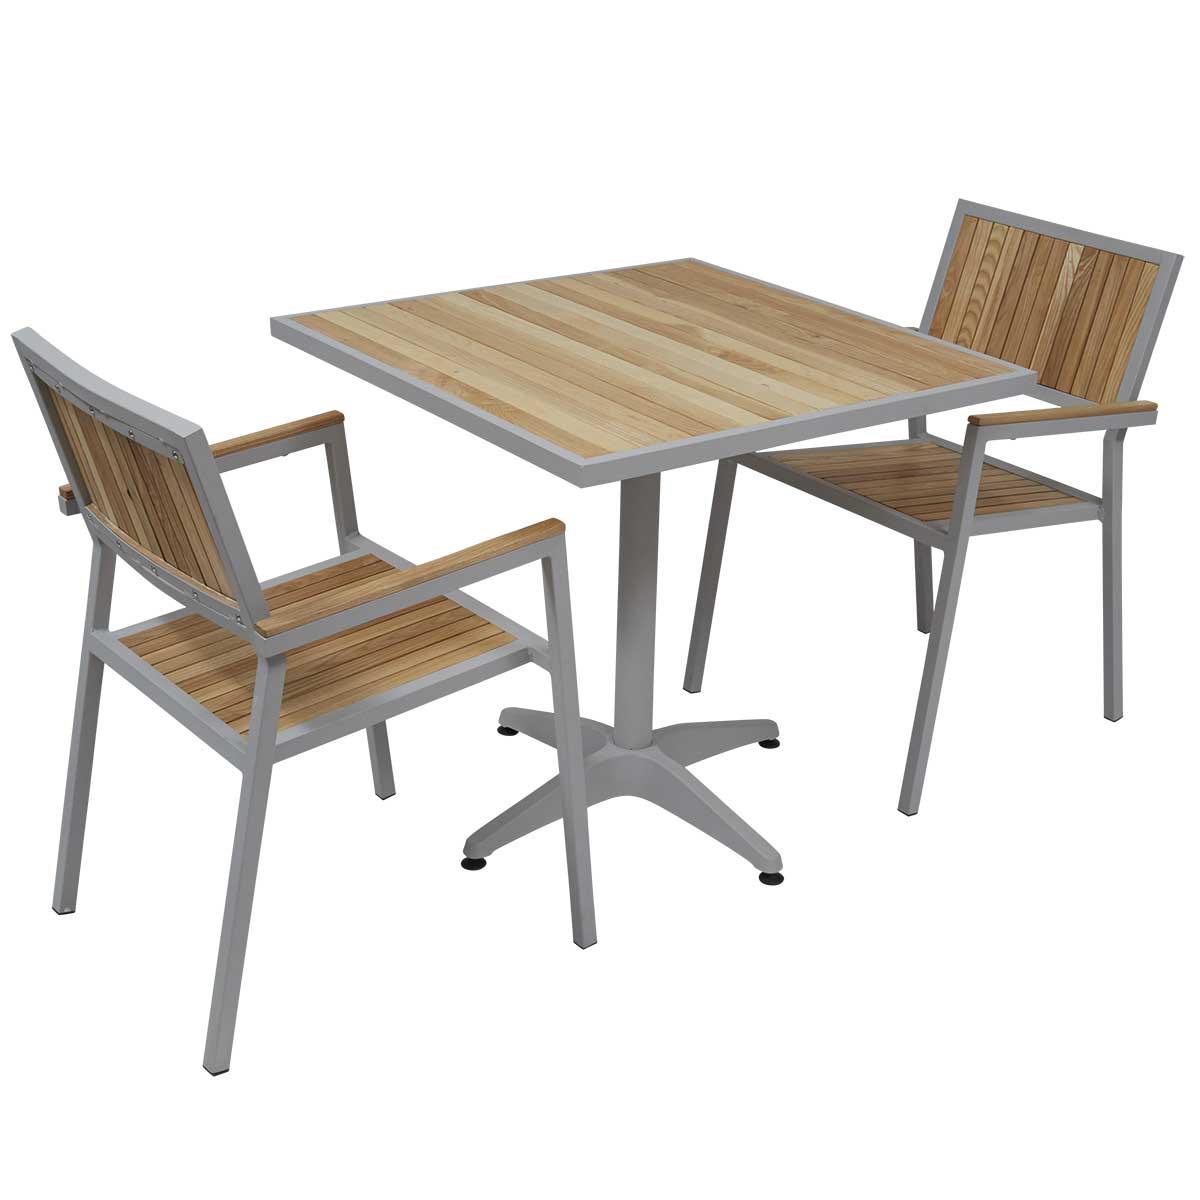 Table Ronde De Jardin Pas Cher Best Of Table Terrasse Pas Cher Of 26 Inspirant Table Ronde De Jardin Pas Cher